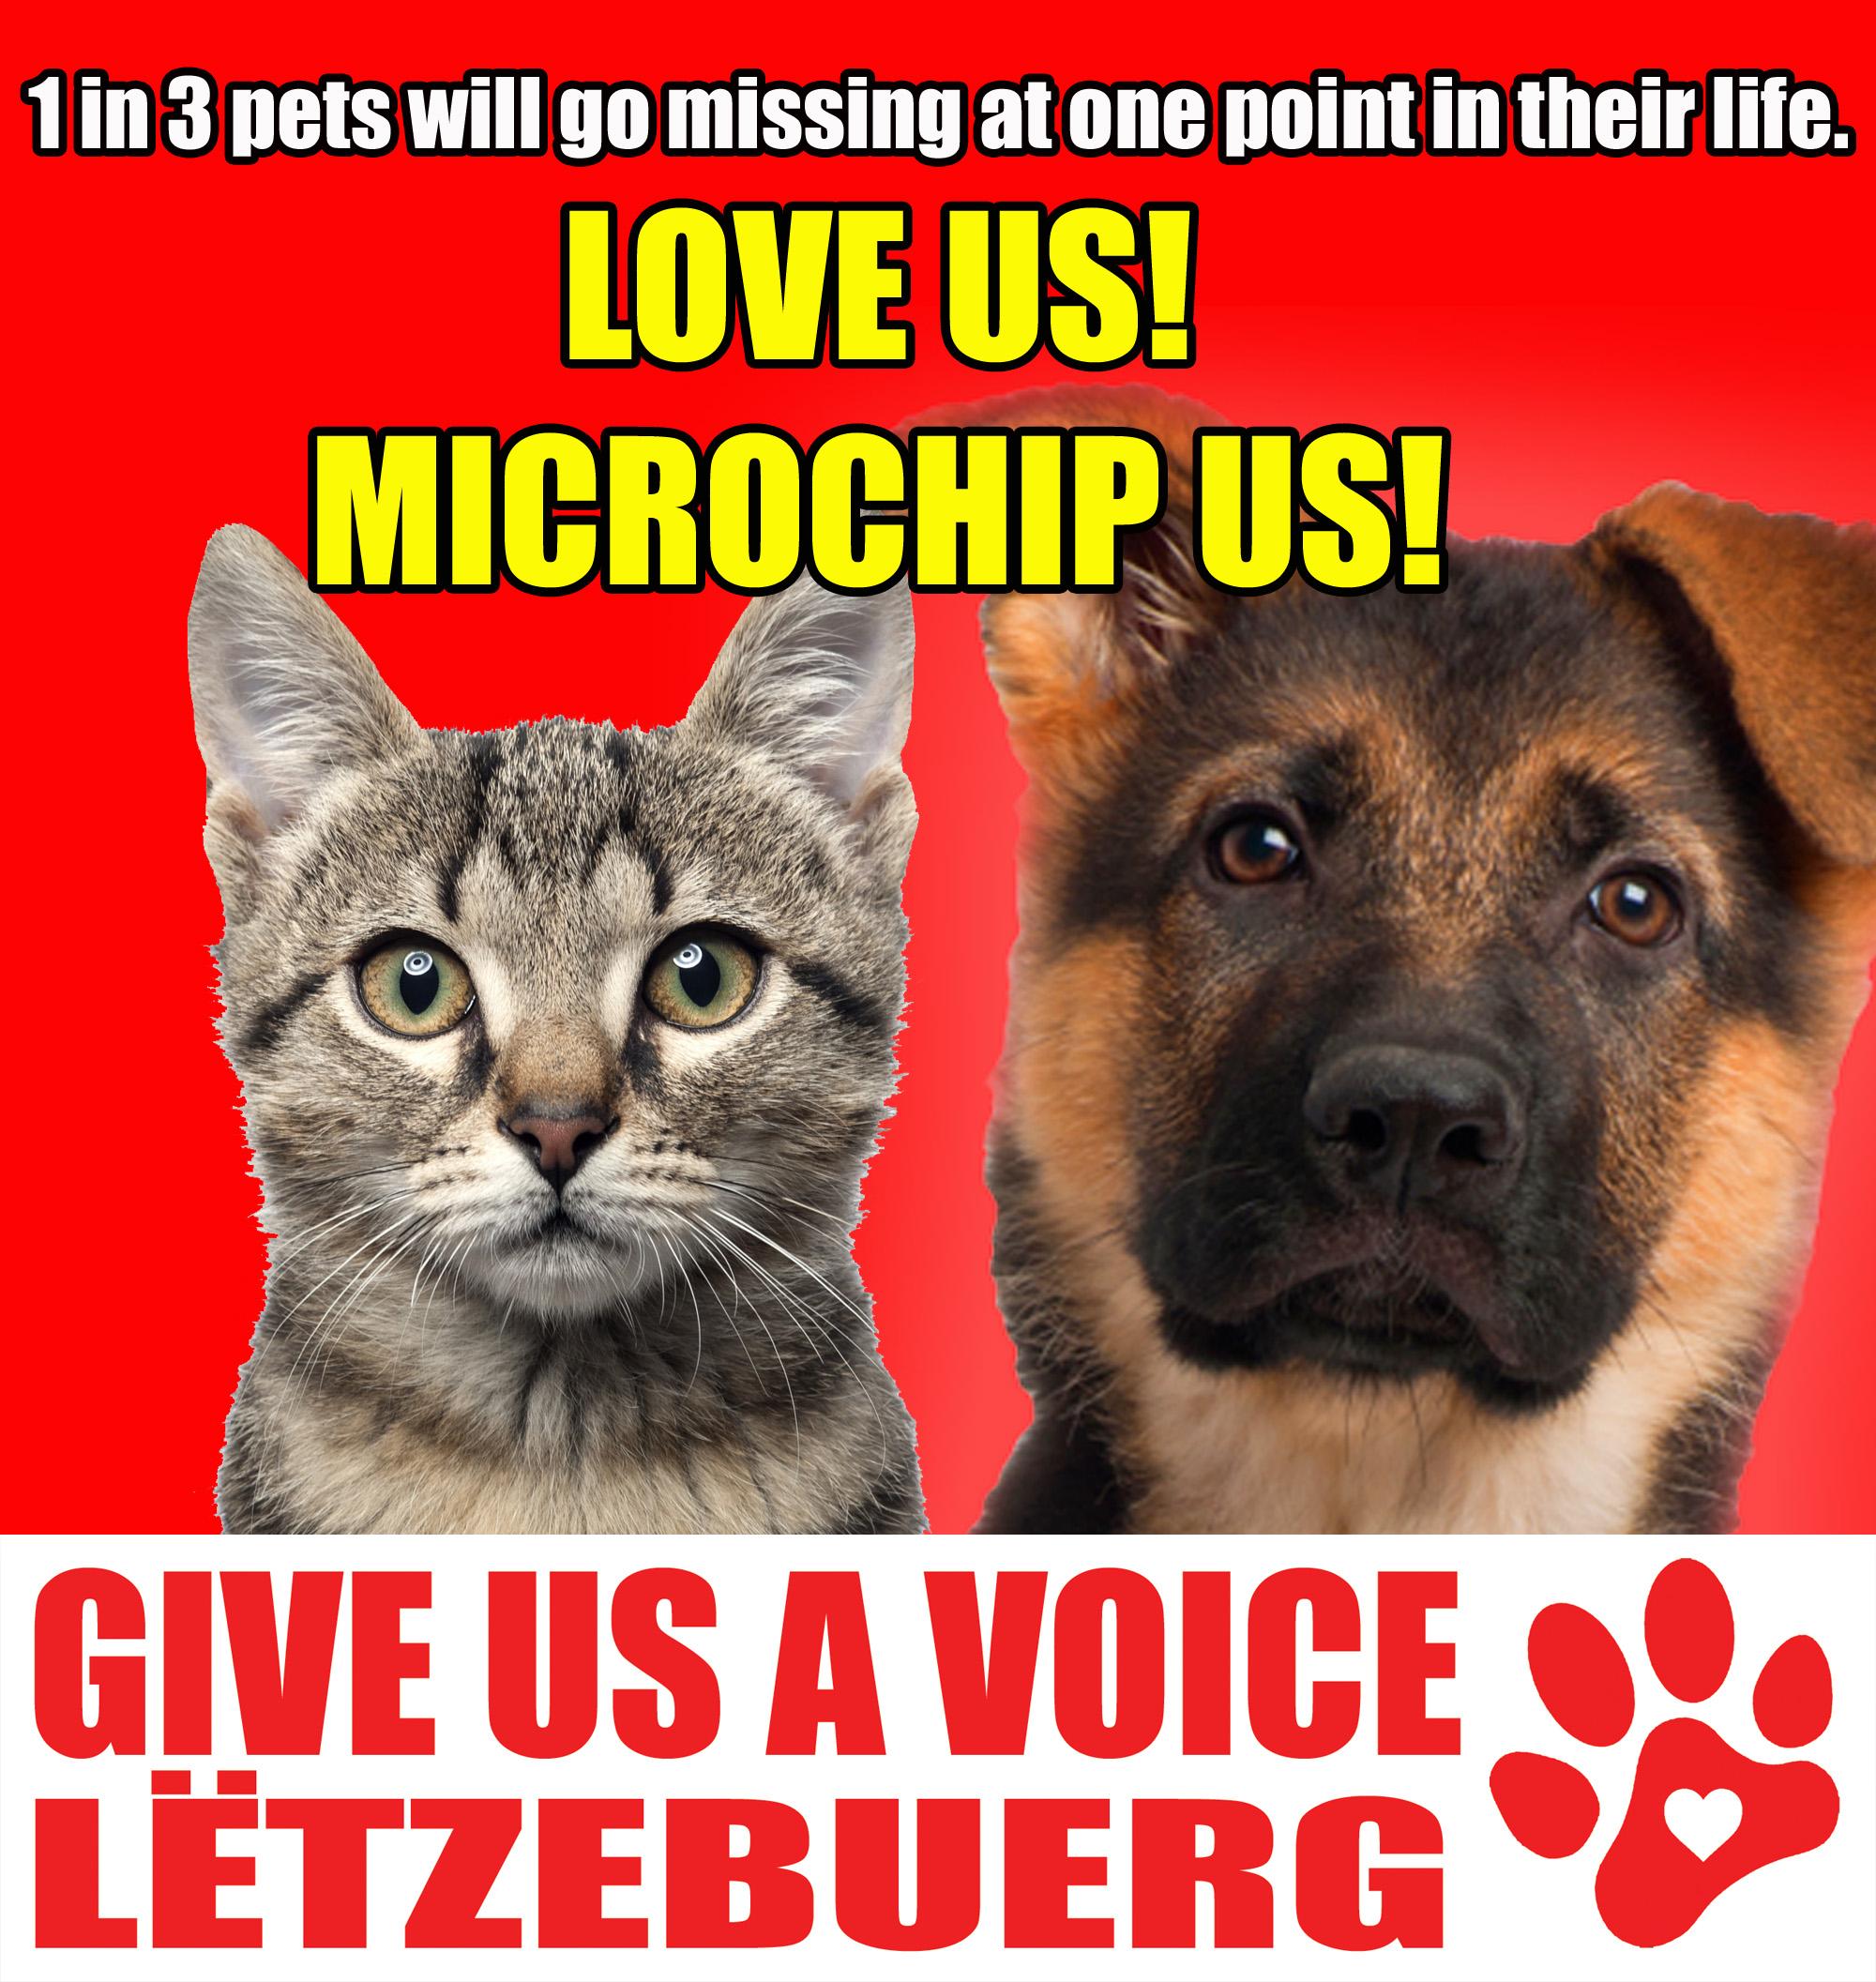 Microchip your pets copy